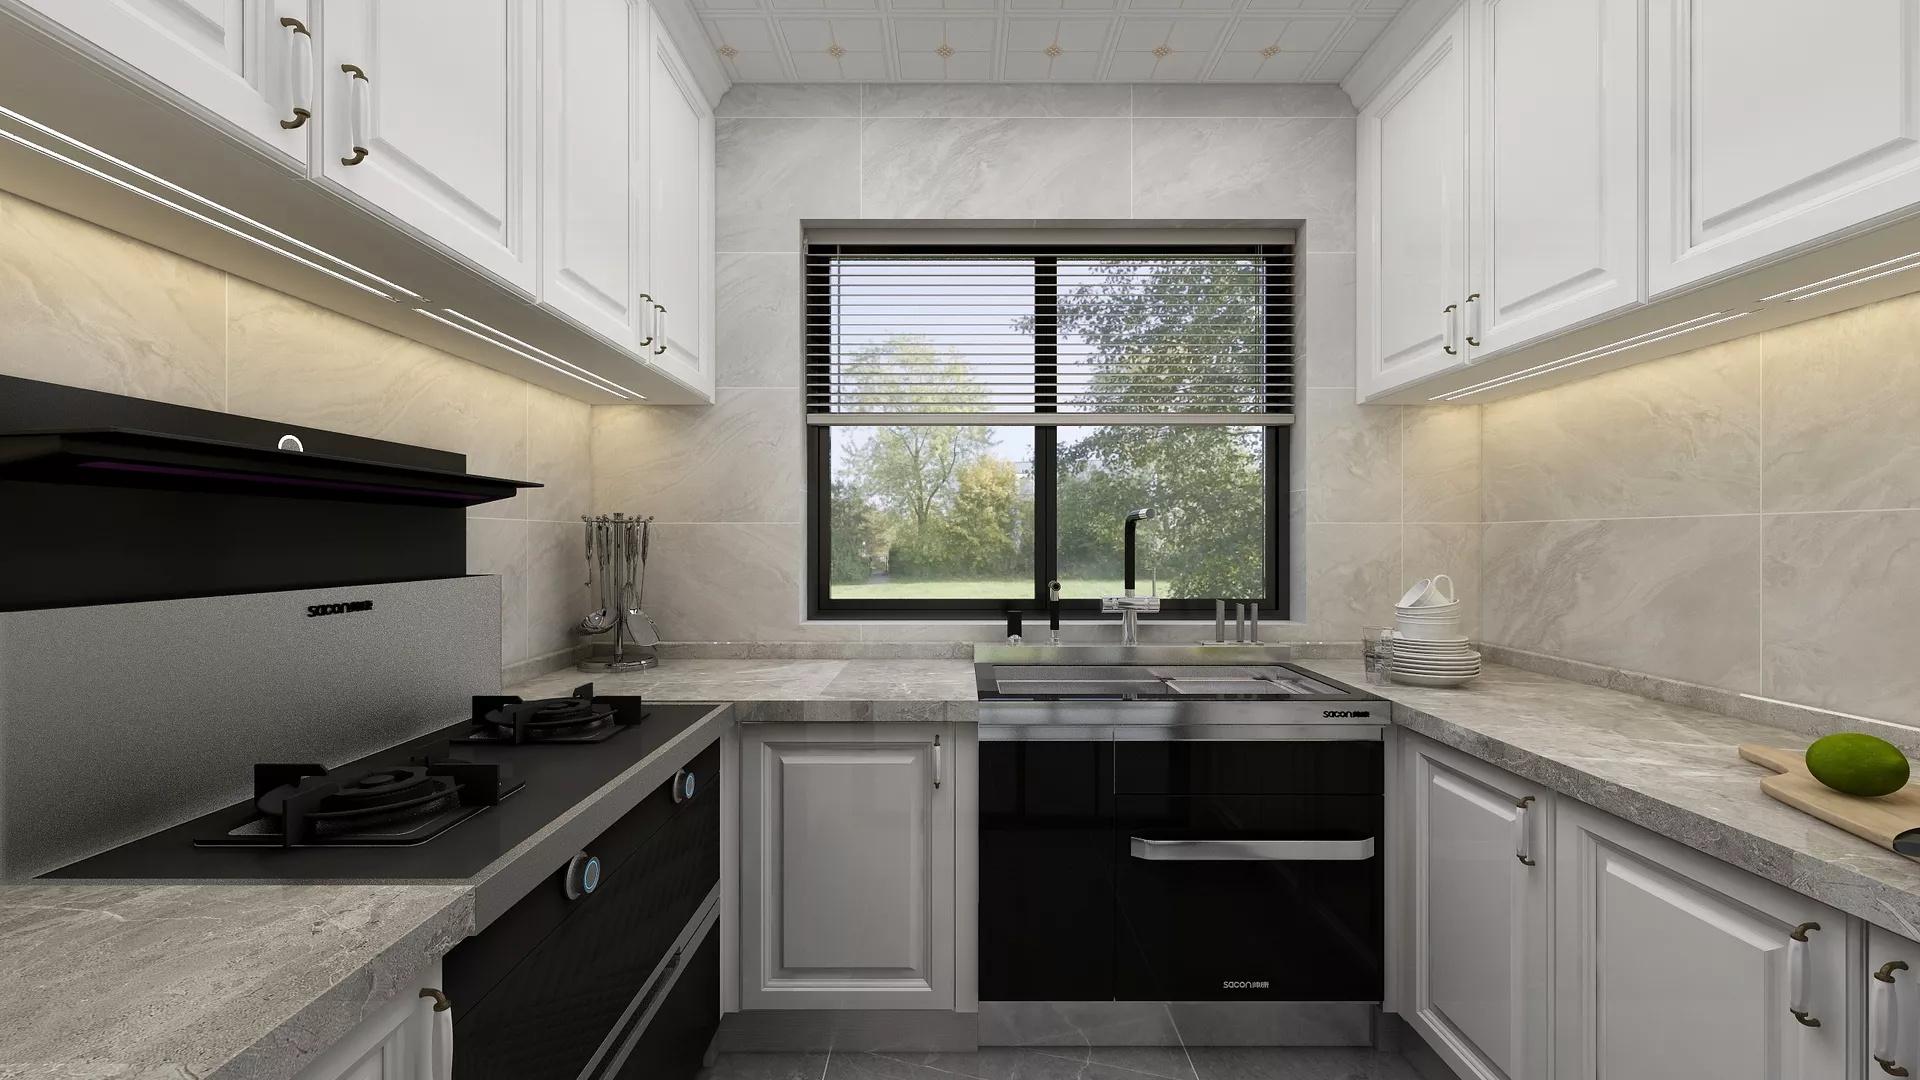 客厅用什么砖好 客厅用亚光砖优点